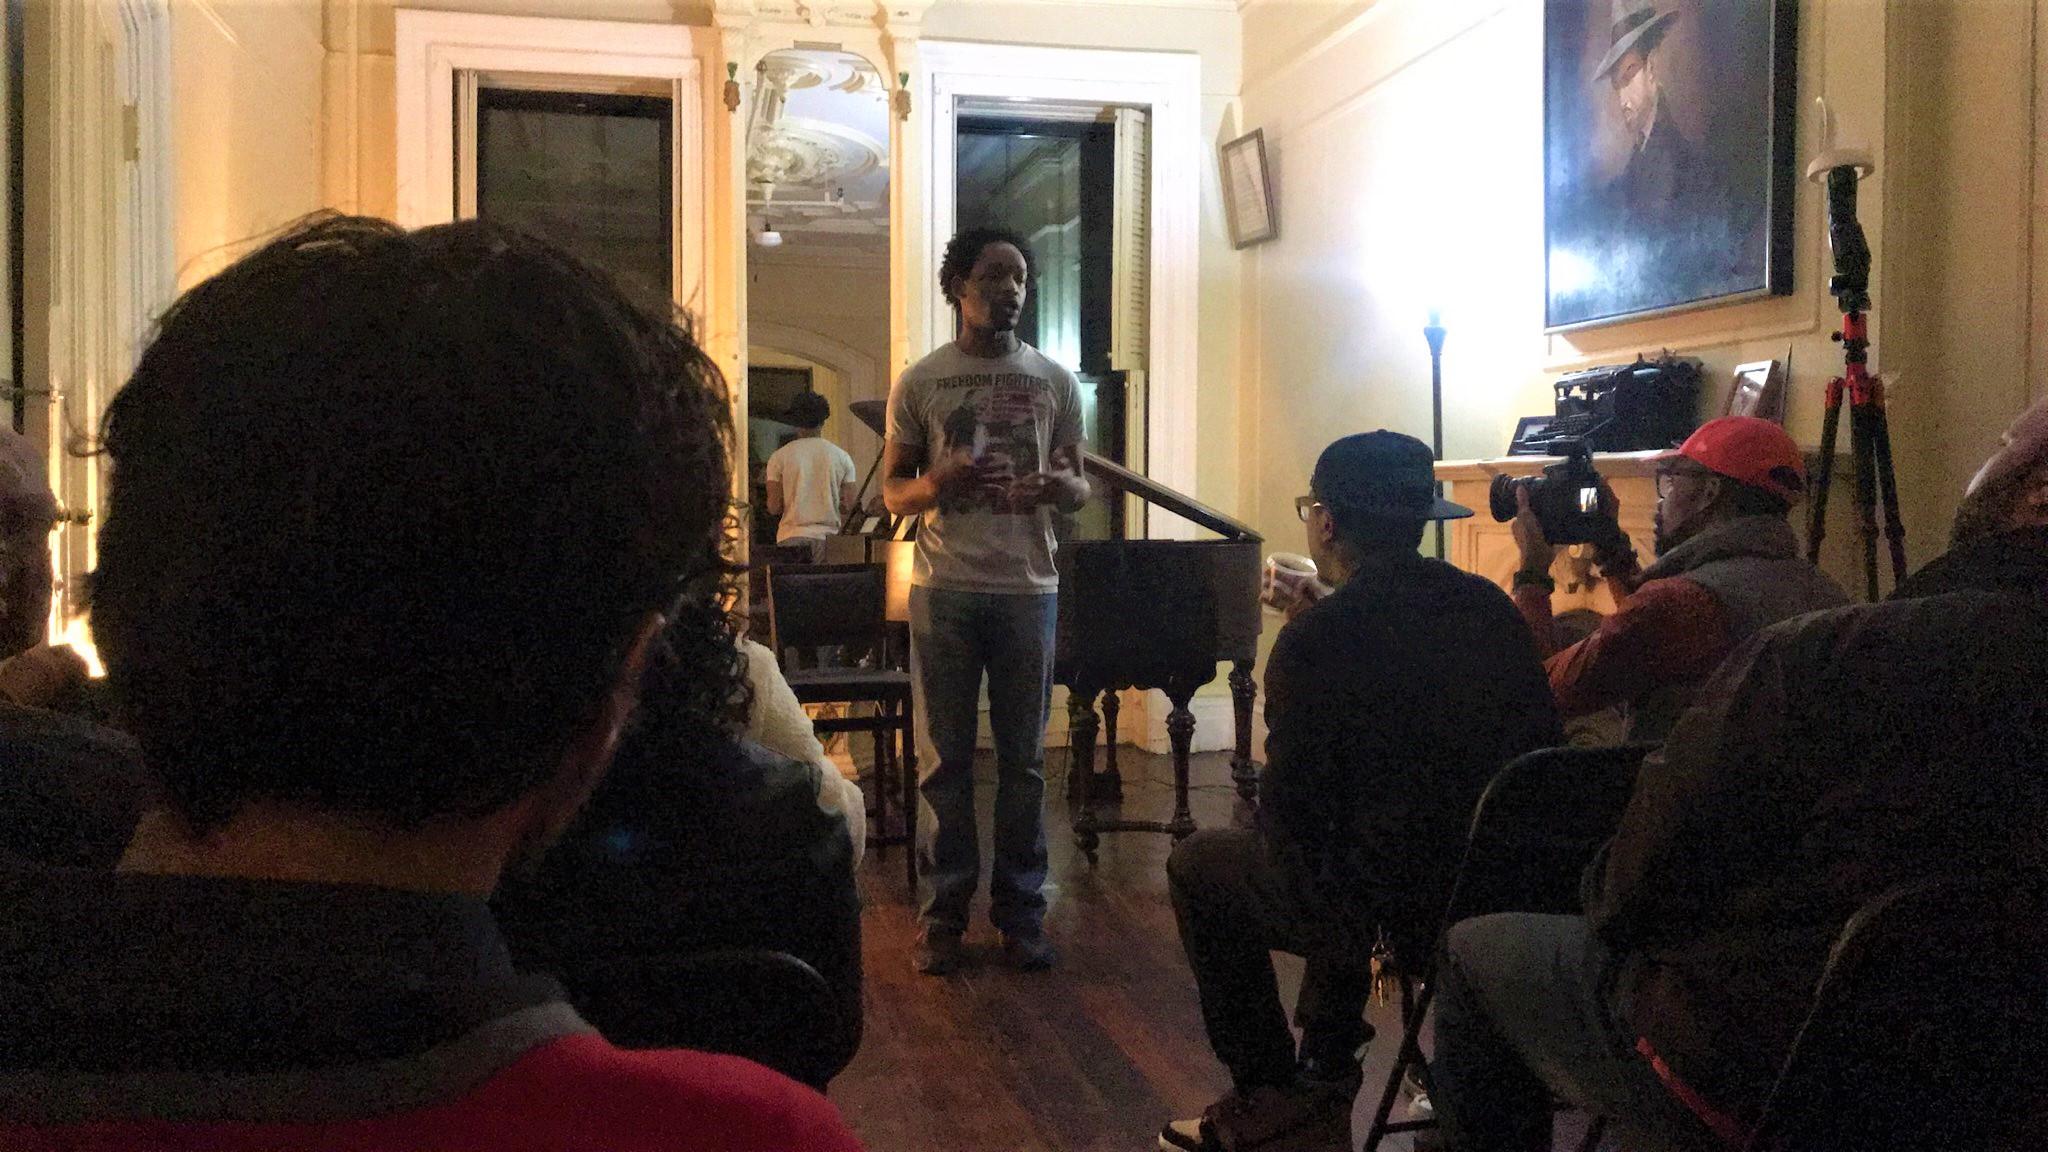 Me at Langston Hughes' home 2